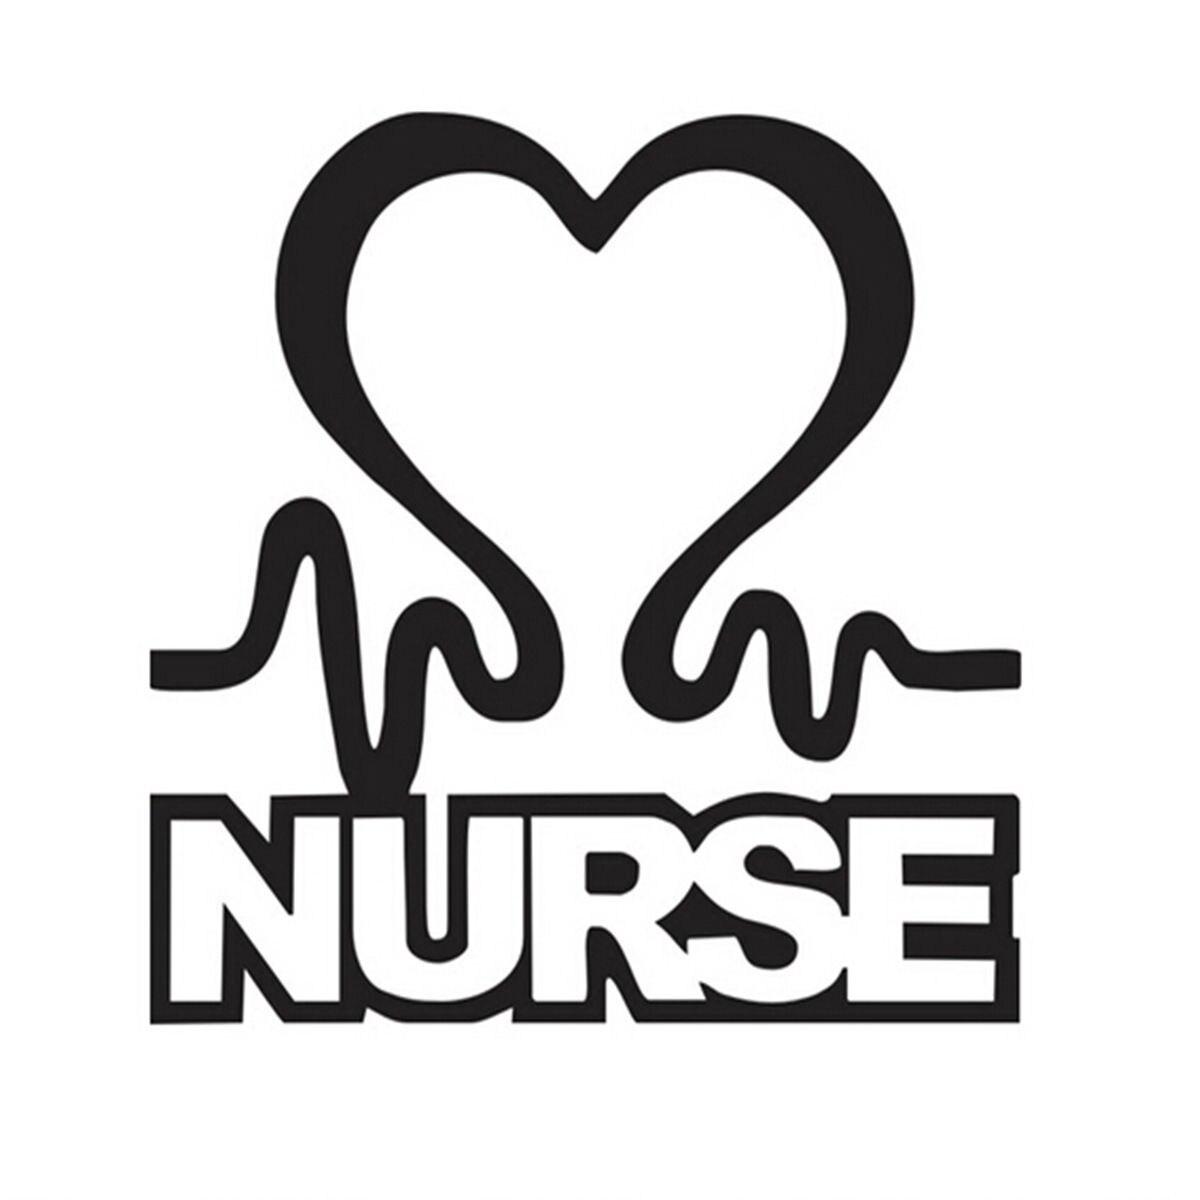 3d Wall Stickers Online Nurse Stickers Vender Por Atacado Nurse Stickers Comprar